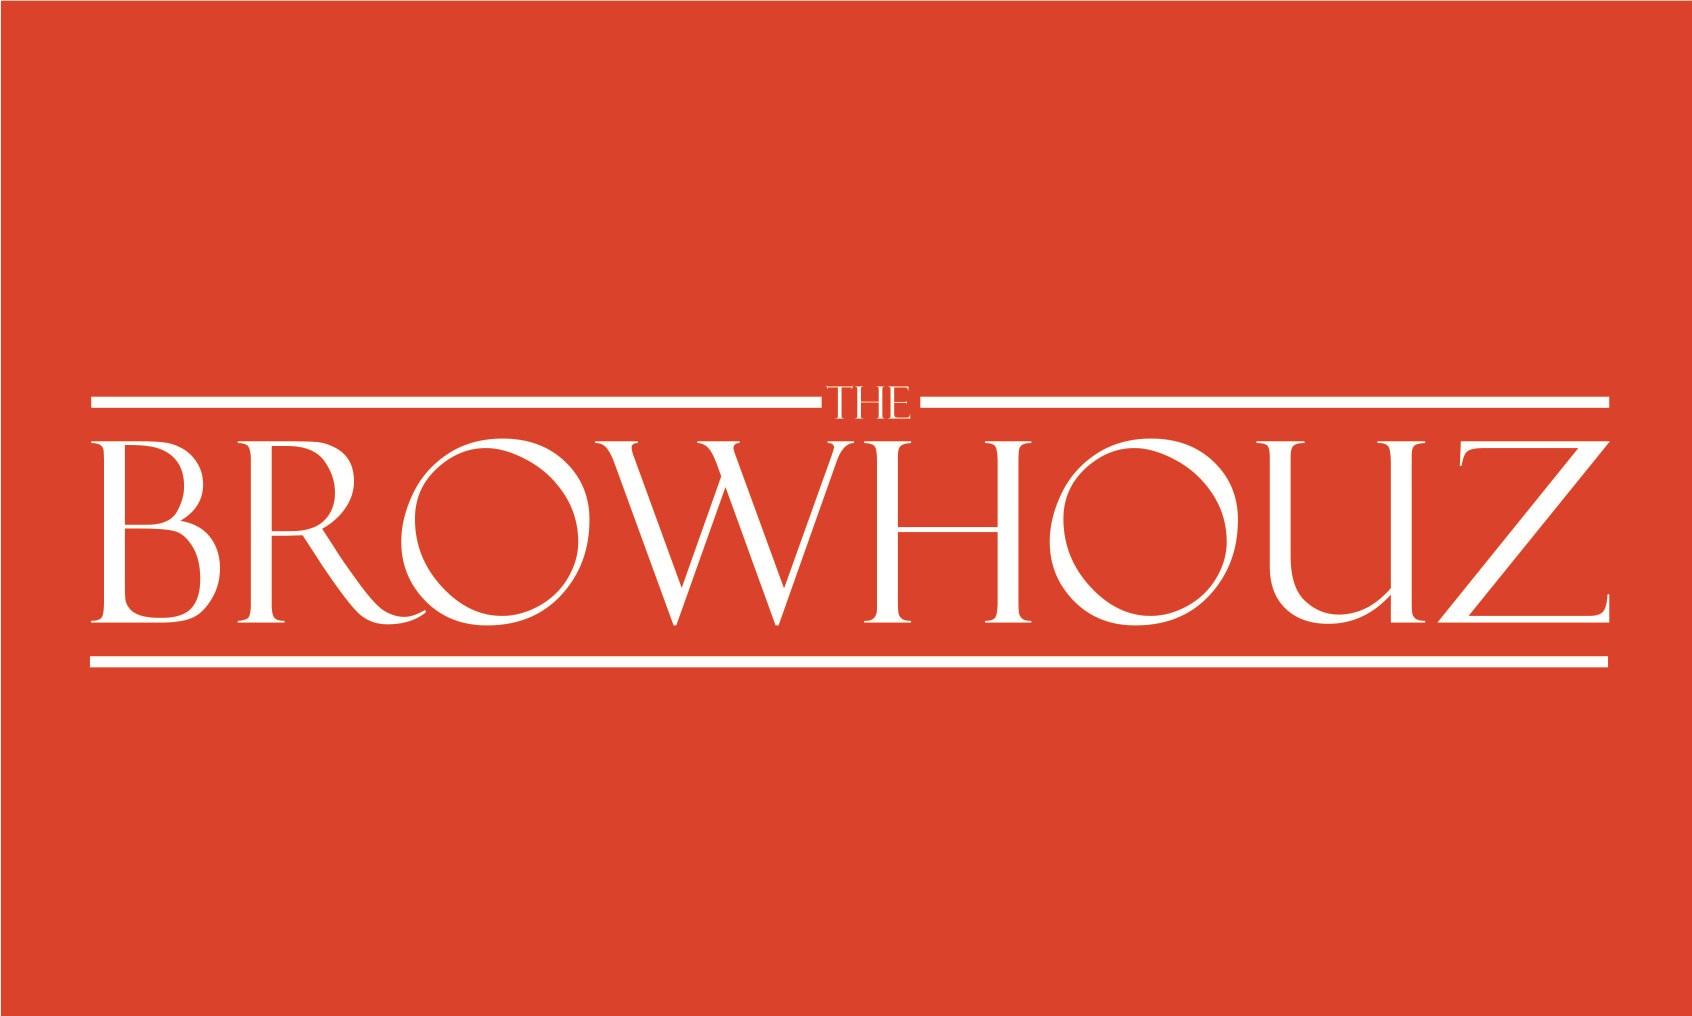 BrowHouz